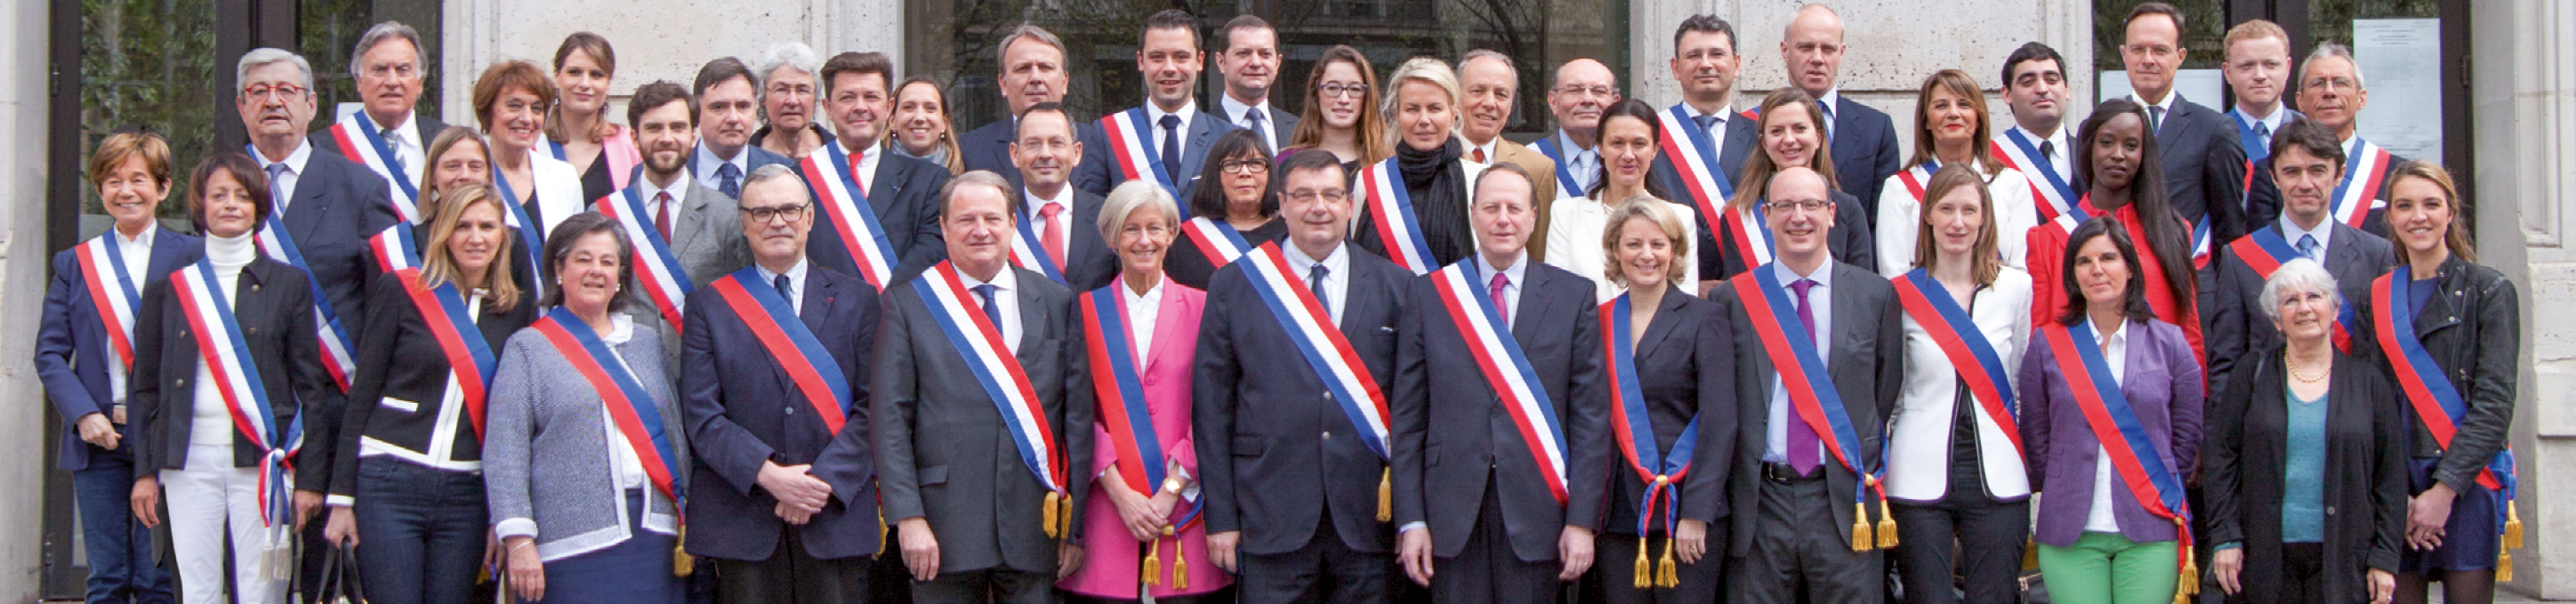 equipe municipale paris 15